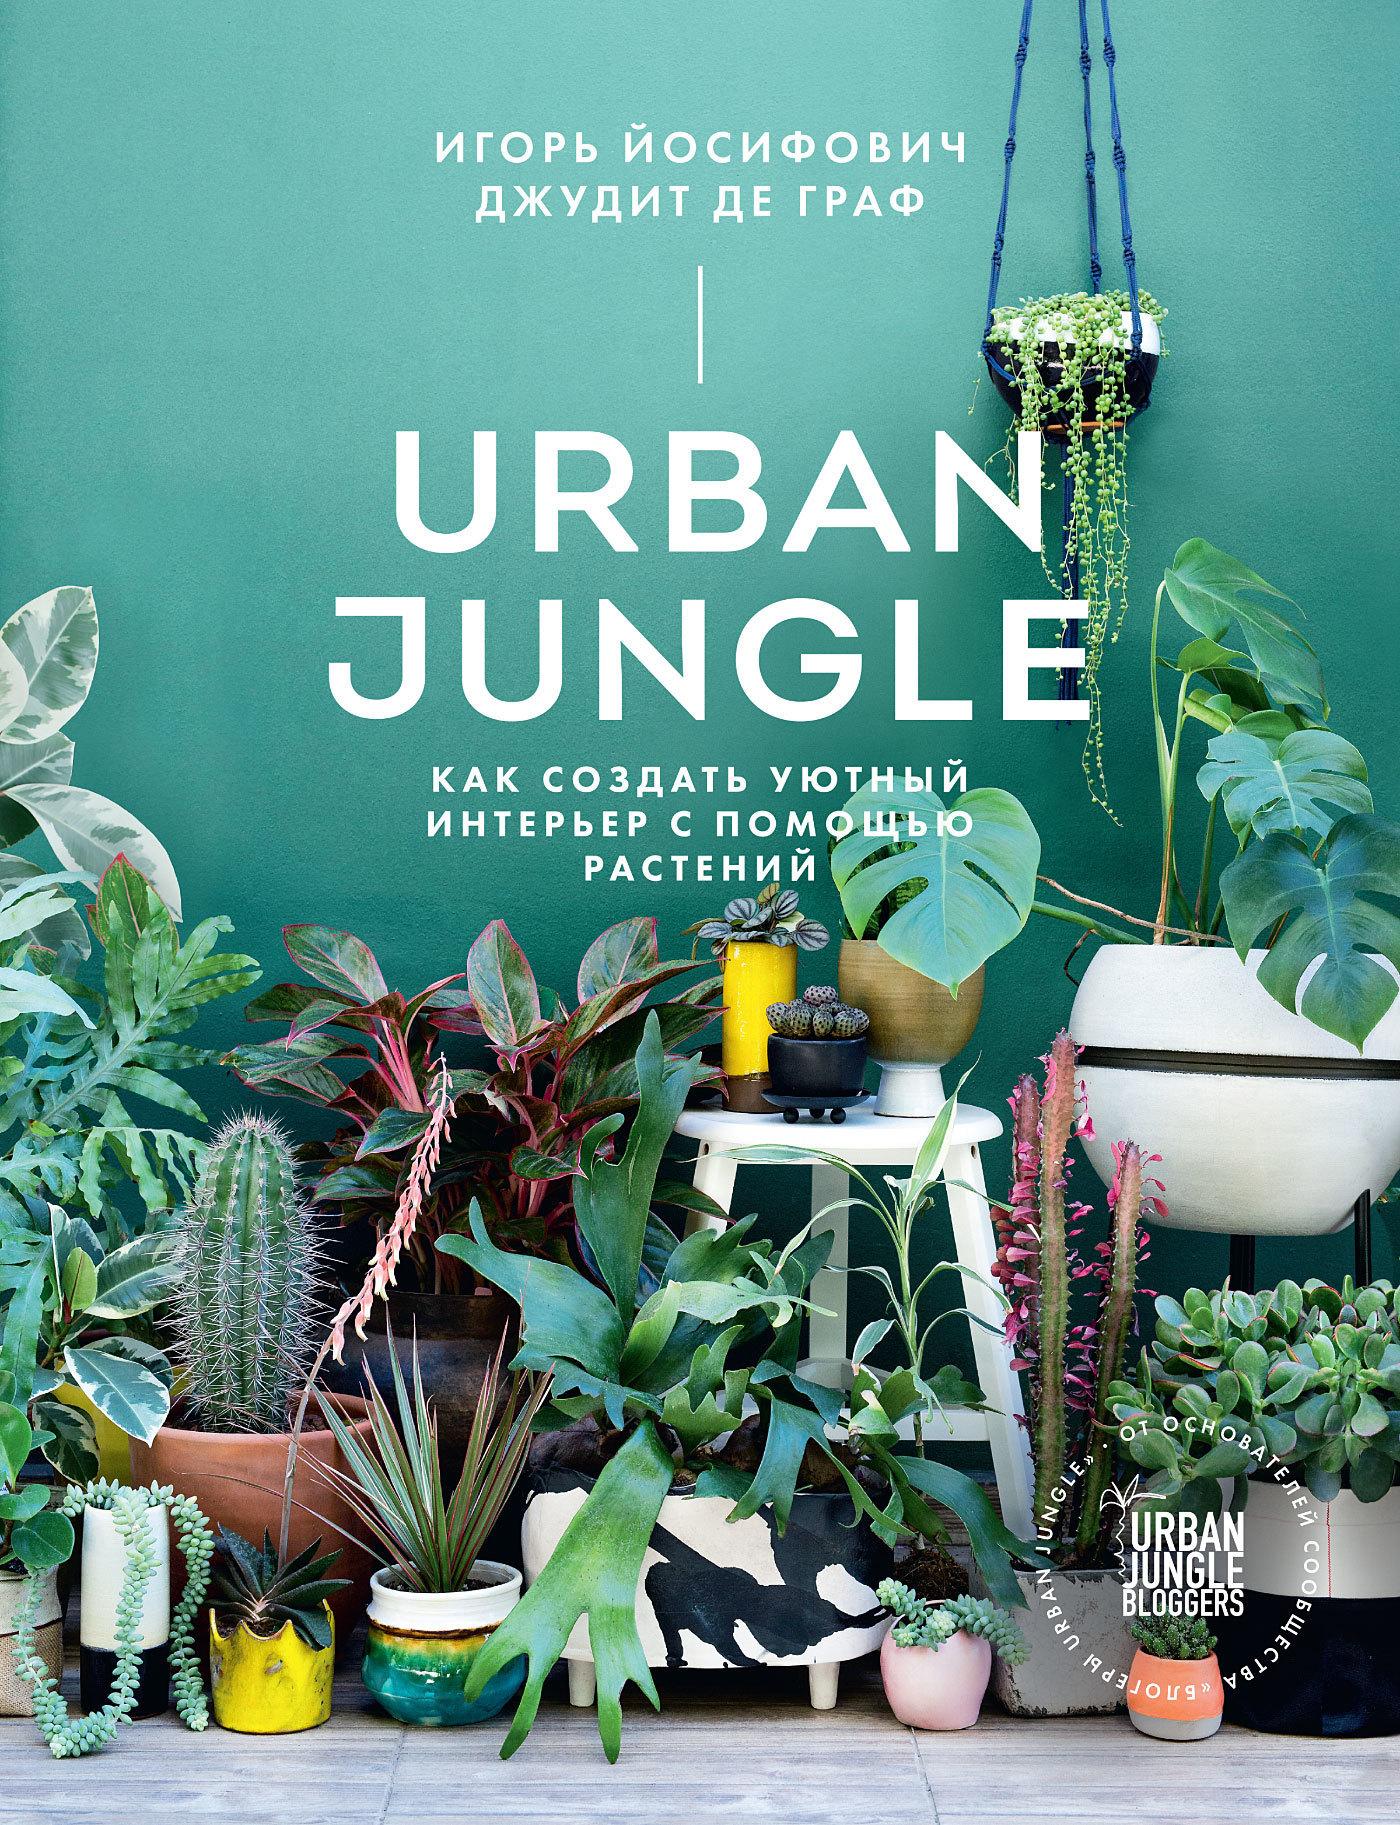 Игорь Йосифович, Джудит де Граф - Urban Jungle. Как создать уютный интерьер с помощью растений